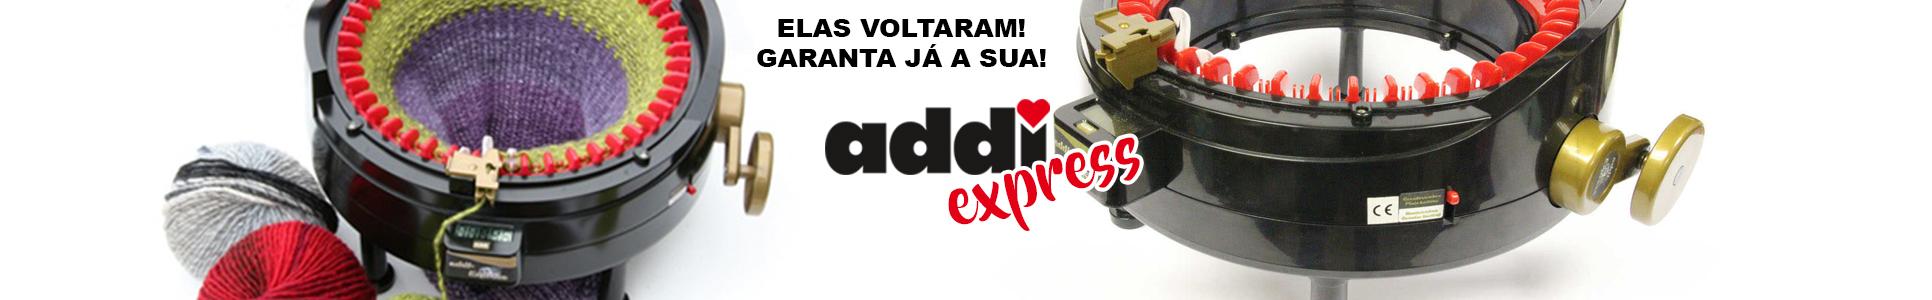 Addi Express